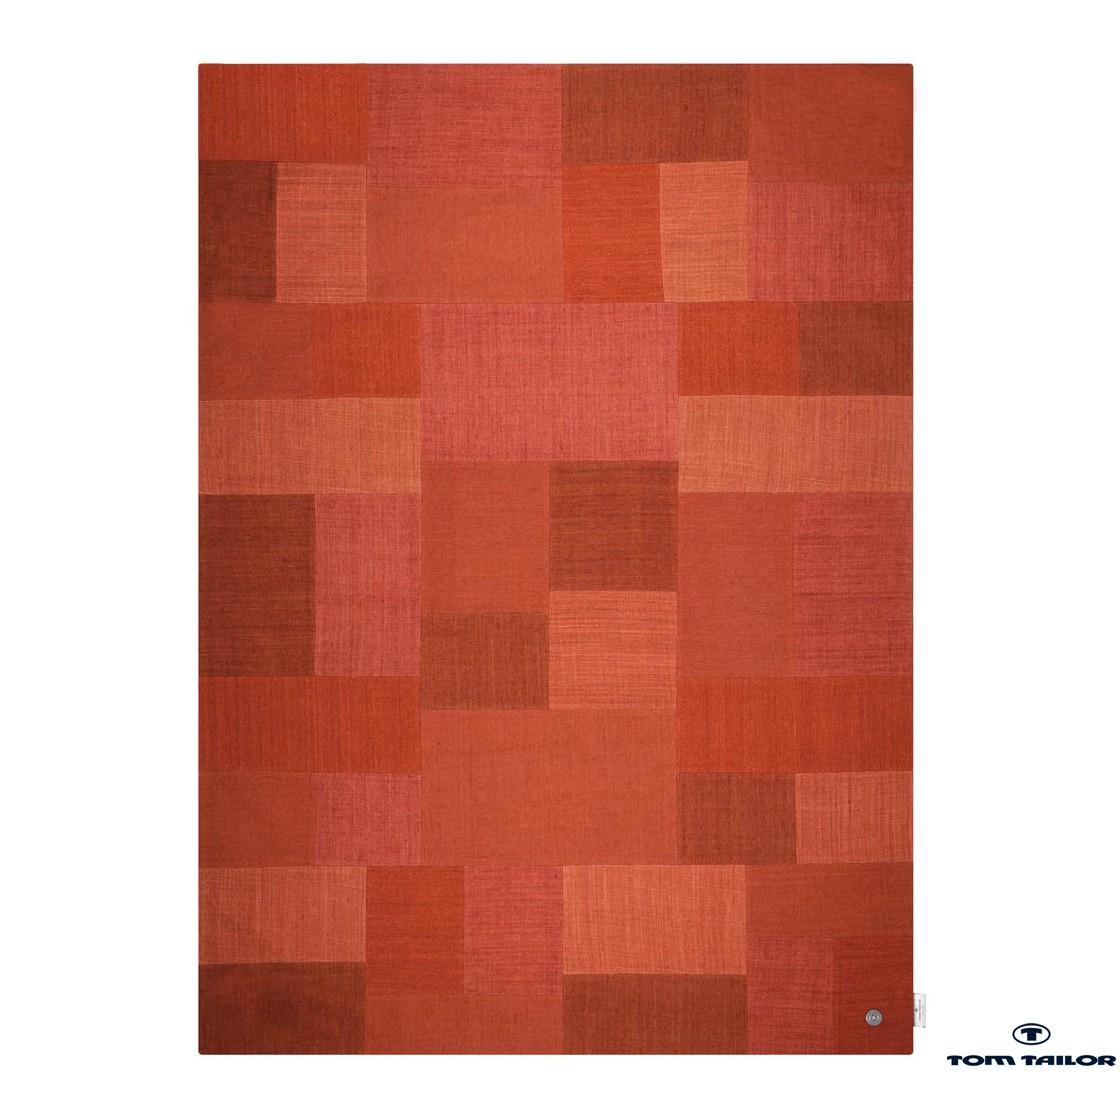 Tapis trouvez facilement sur internet tapis lebonmeuble for Hanse meuble catalogue